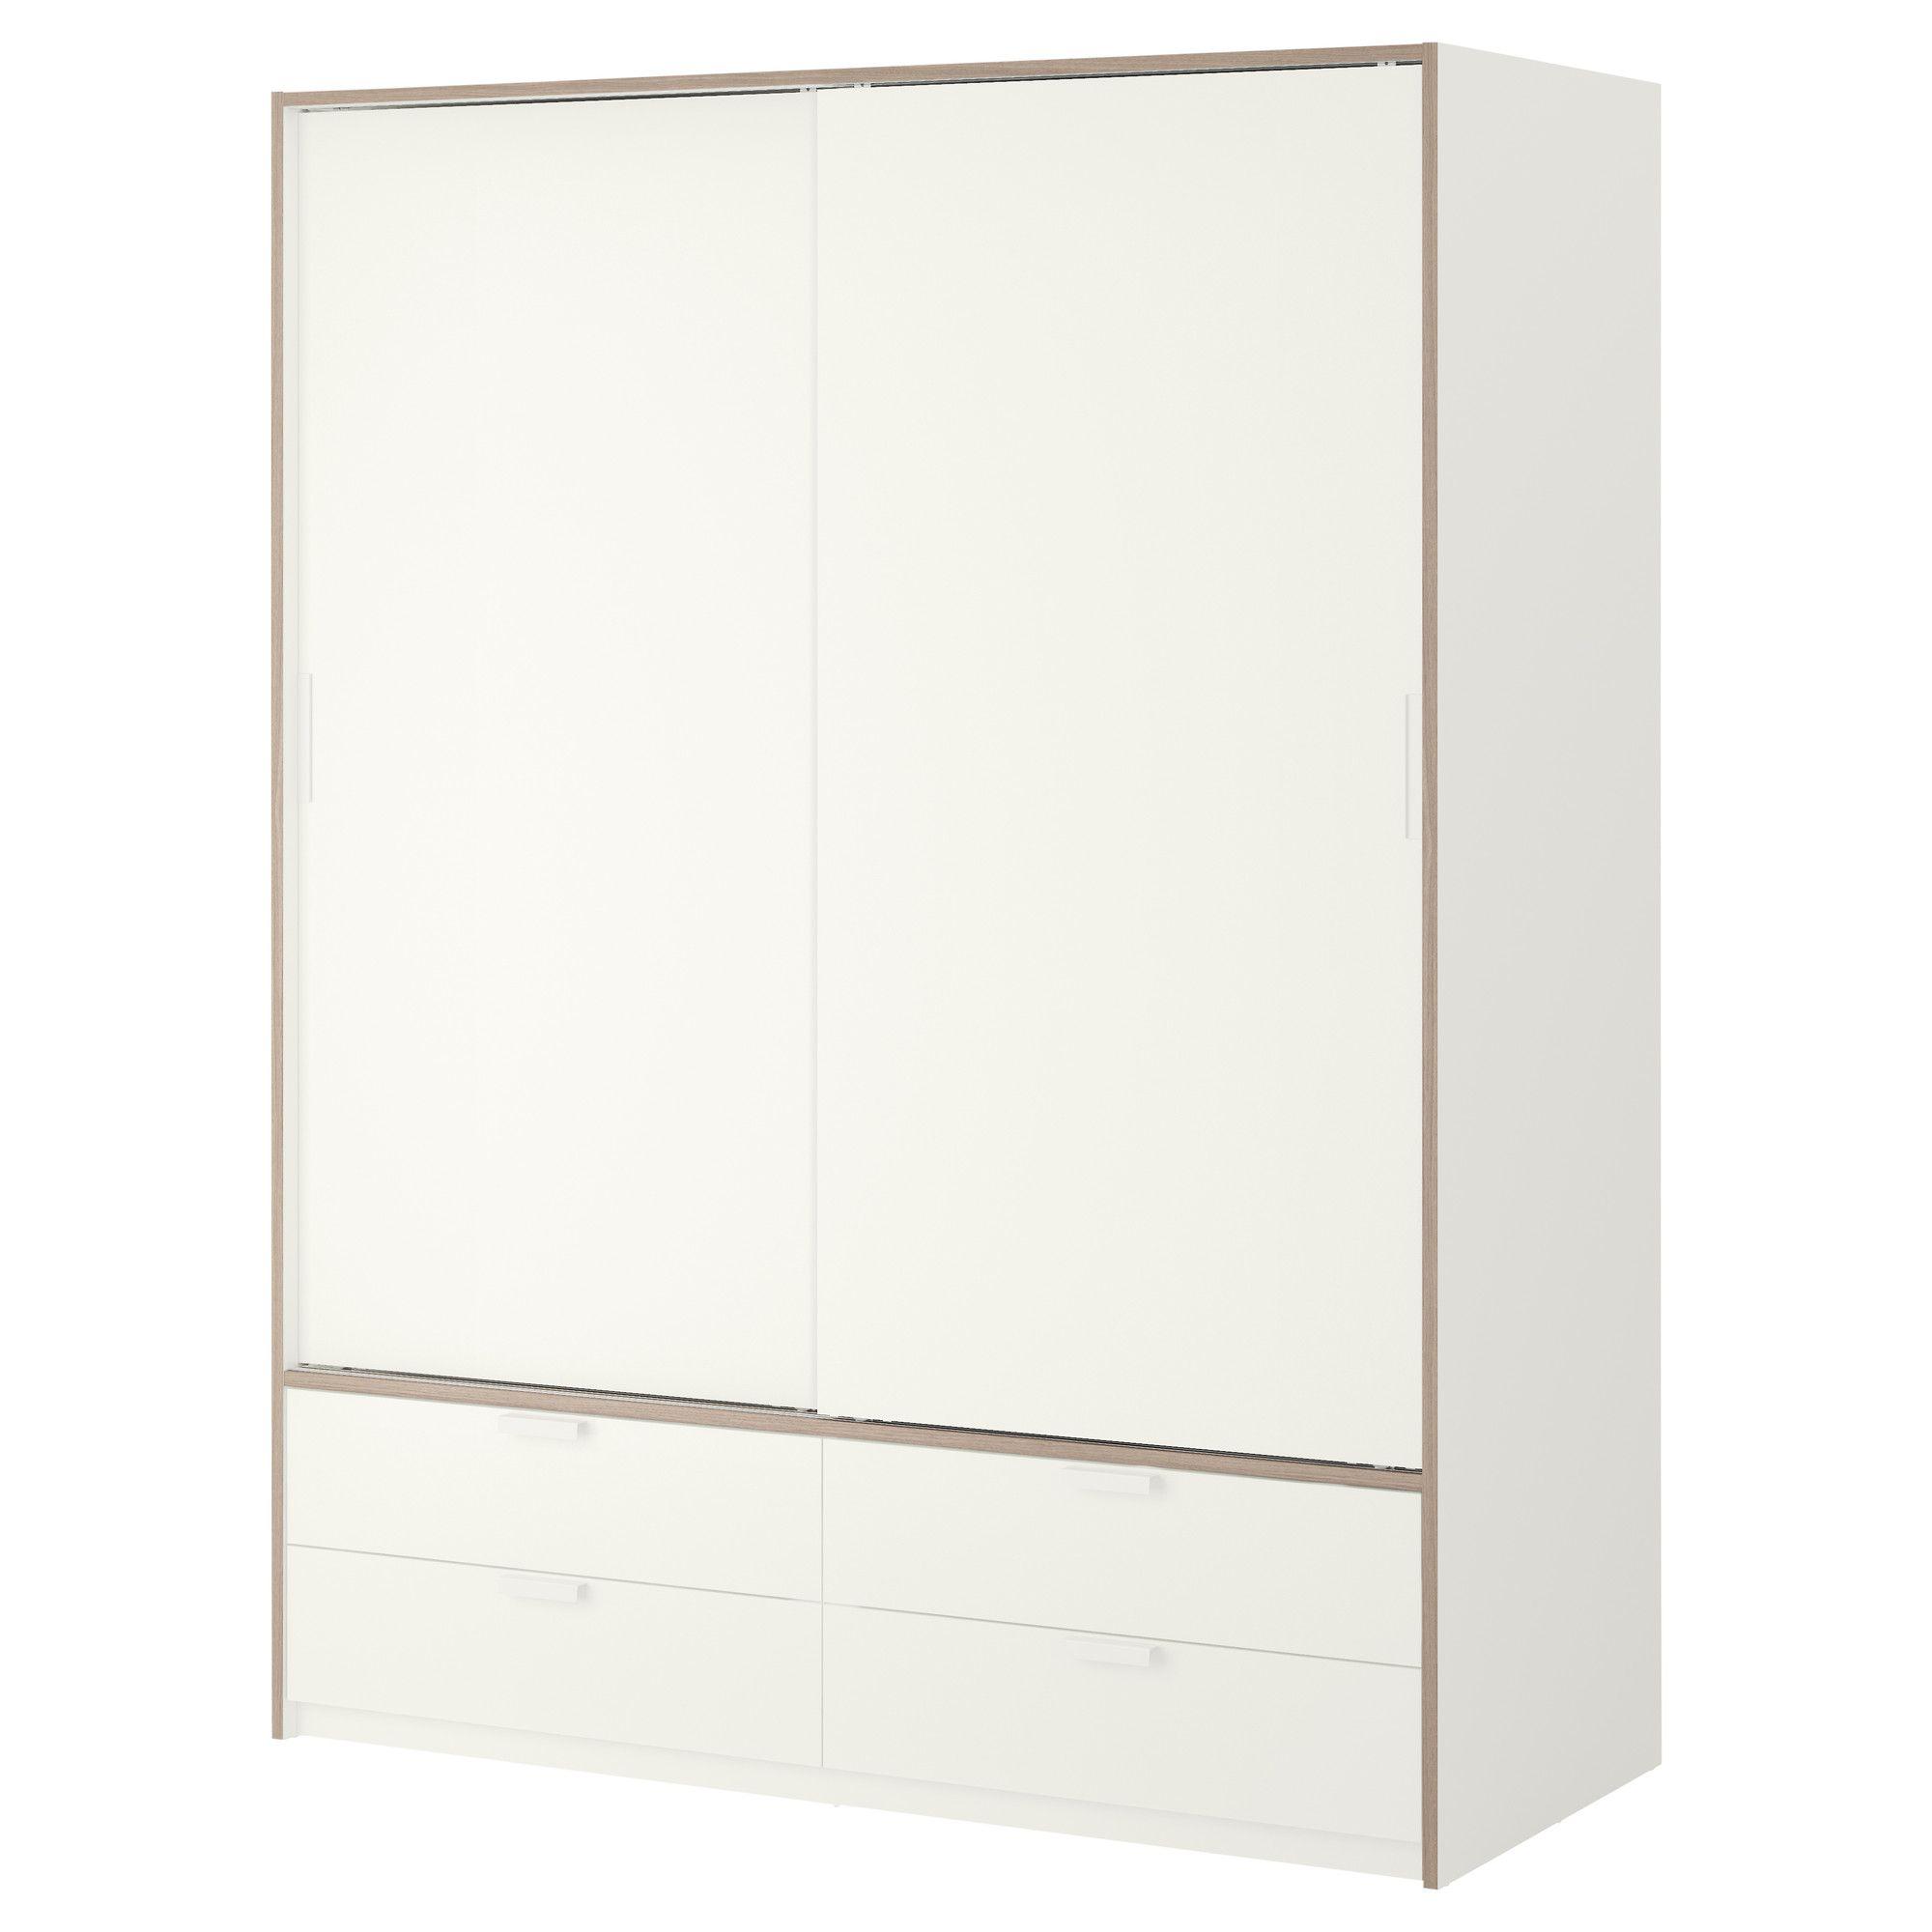 Trysil armario puerta corredera blanco gris claro for Armario blanco puertas correderas ikea